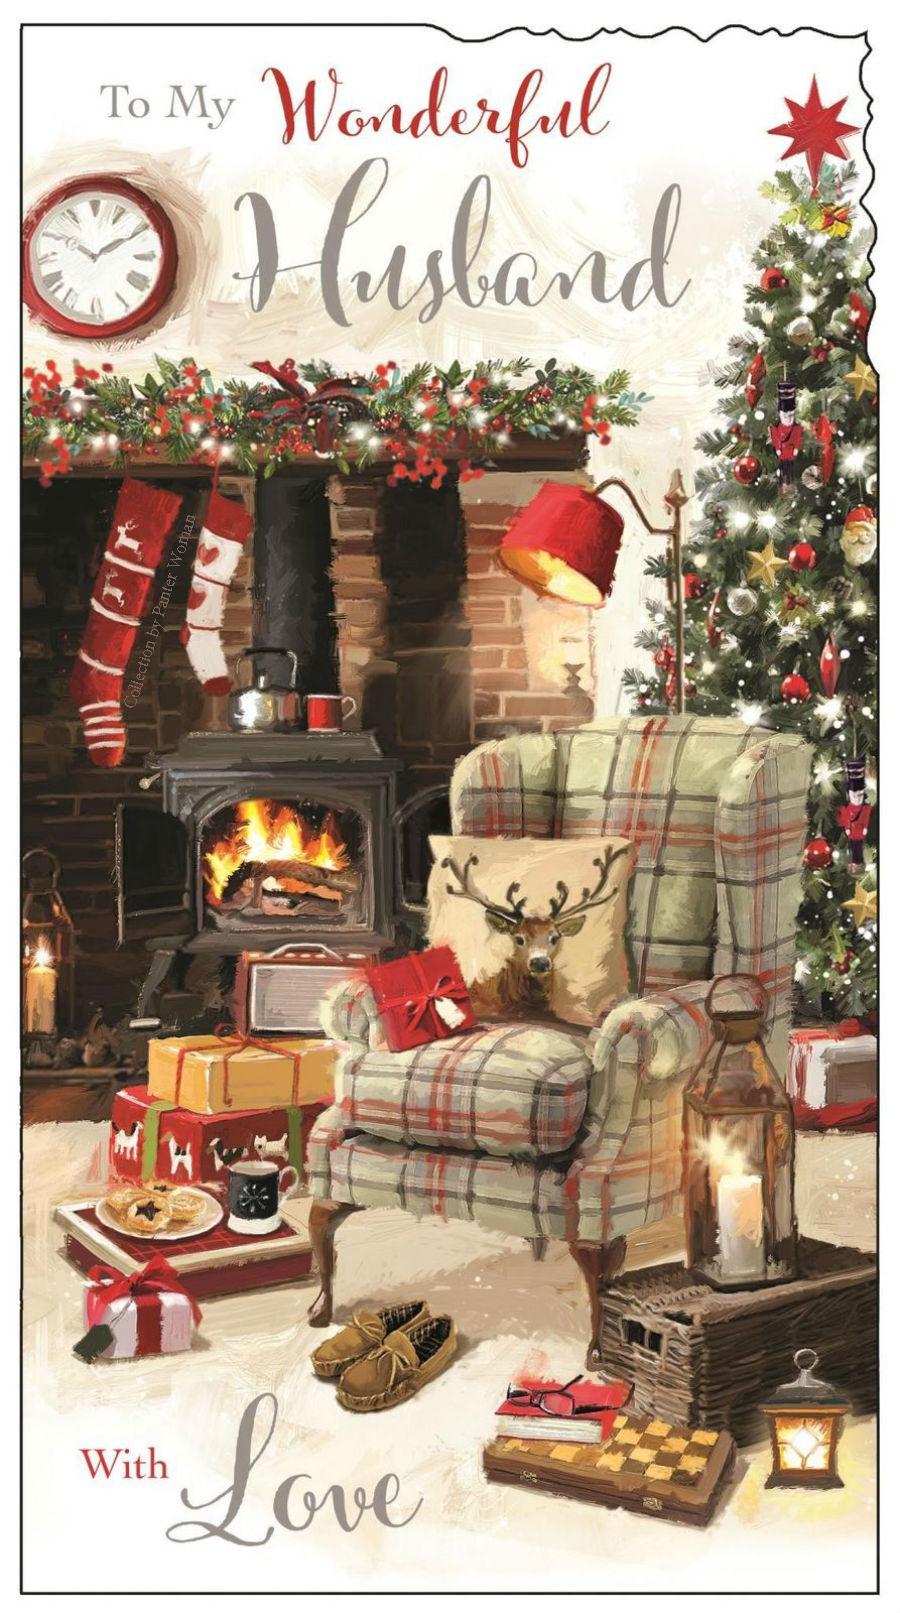 Jonny-Javelin-Husband-Christmas-Card-Log-Fire.png